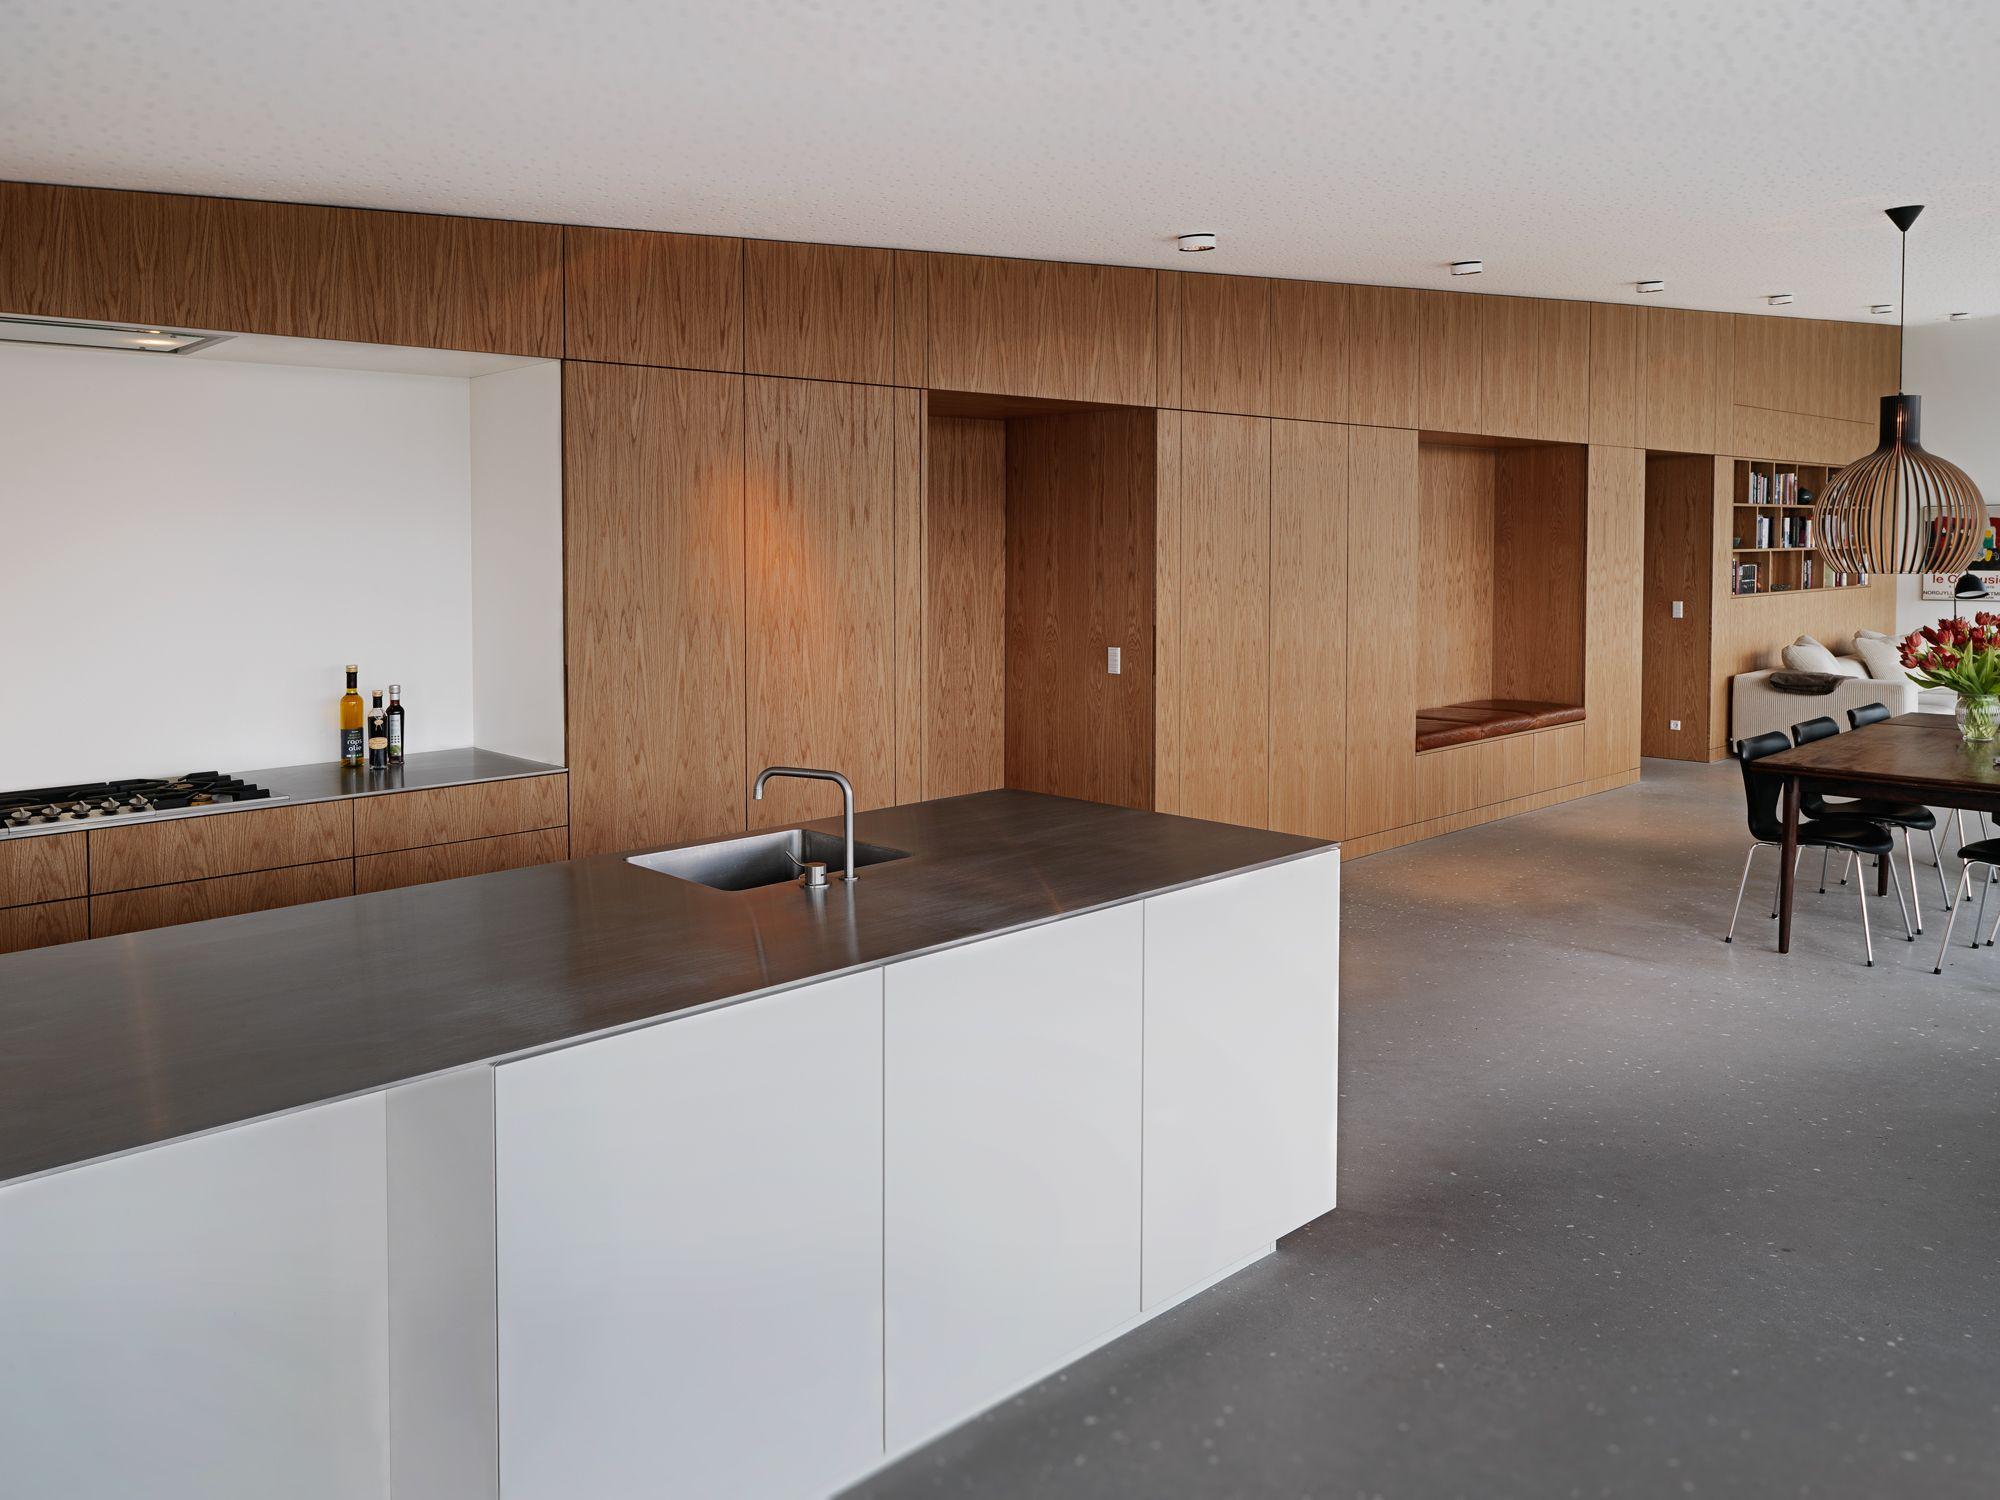 Galleri - Klassisk og moderne køkken, bad og interiør i flot design ...